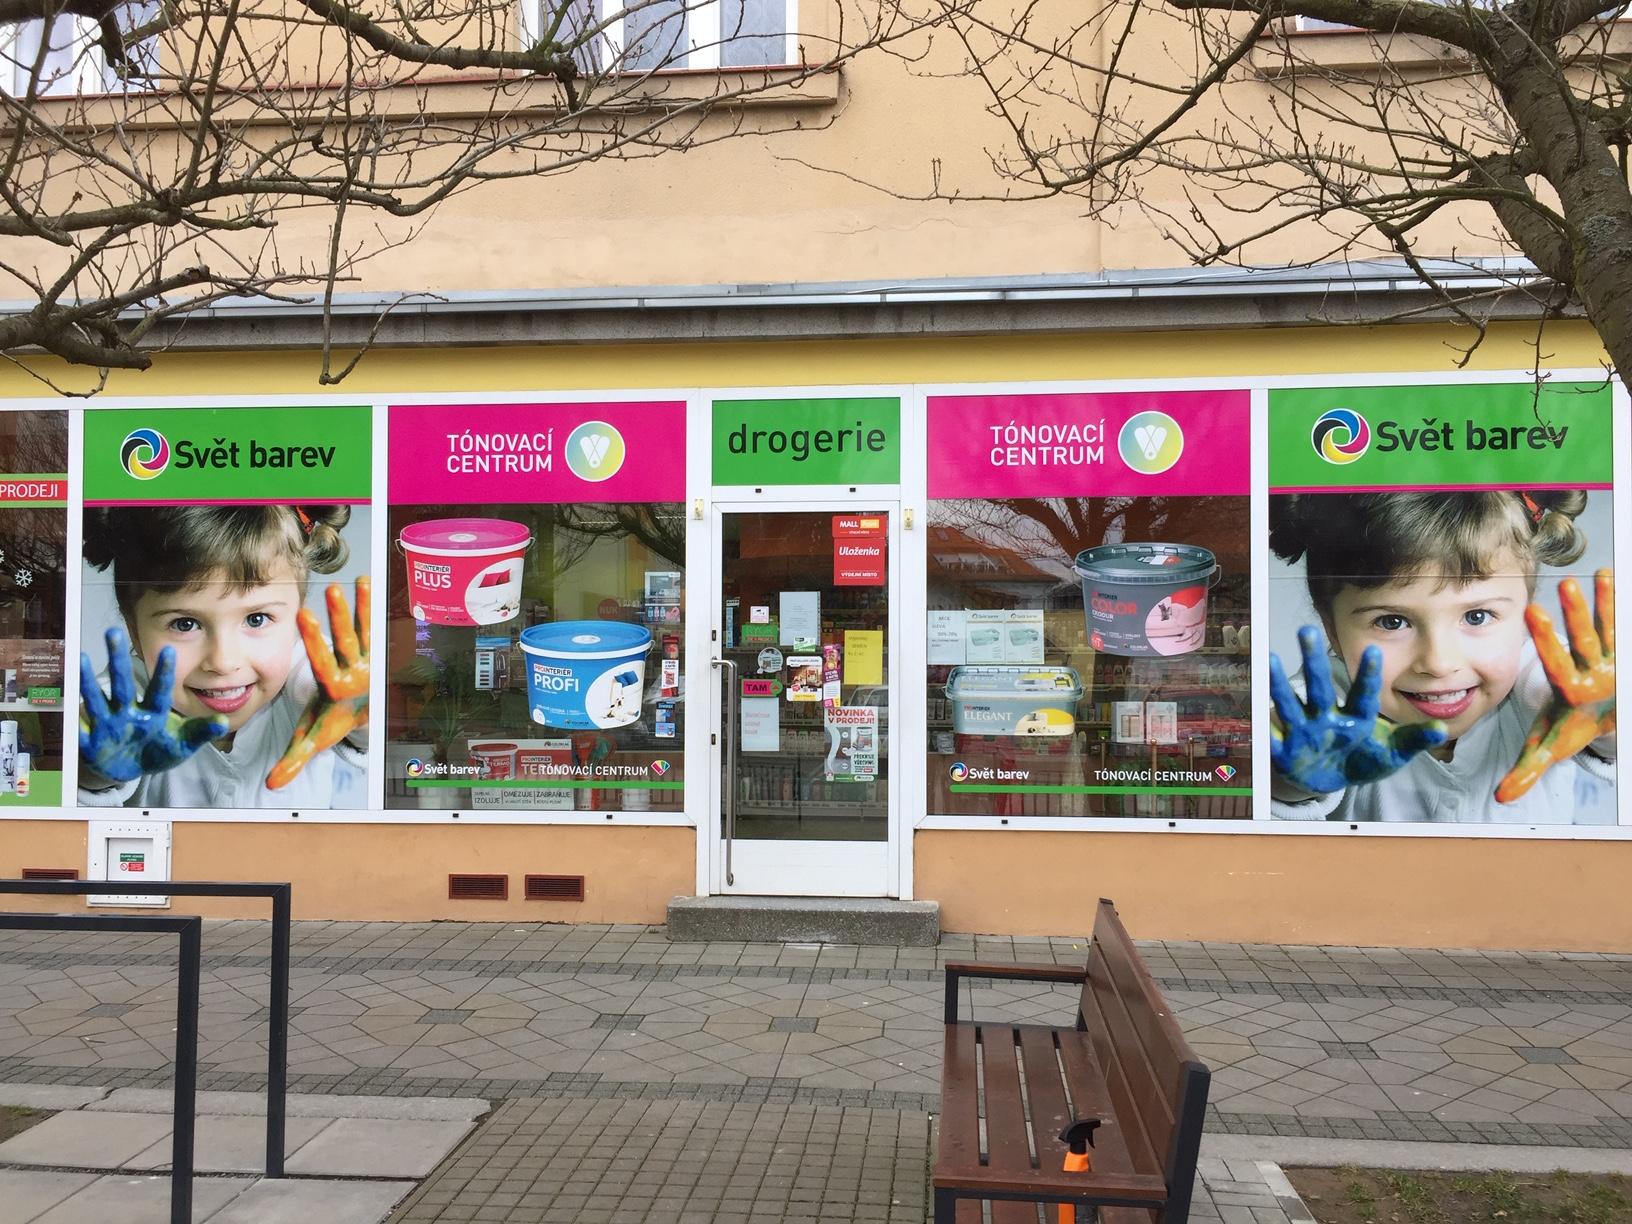 Pobočka Bechyně, Libušina 159 (COLORLAK maloobchod s.r.o. – SVĚT BAREV)